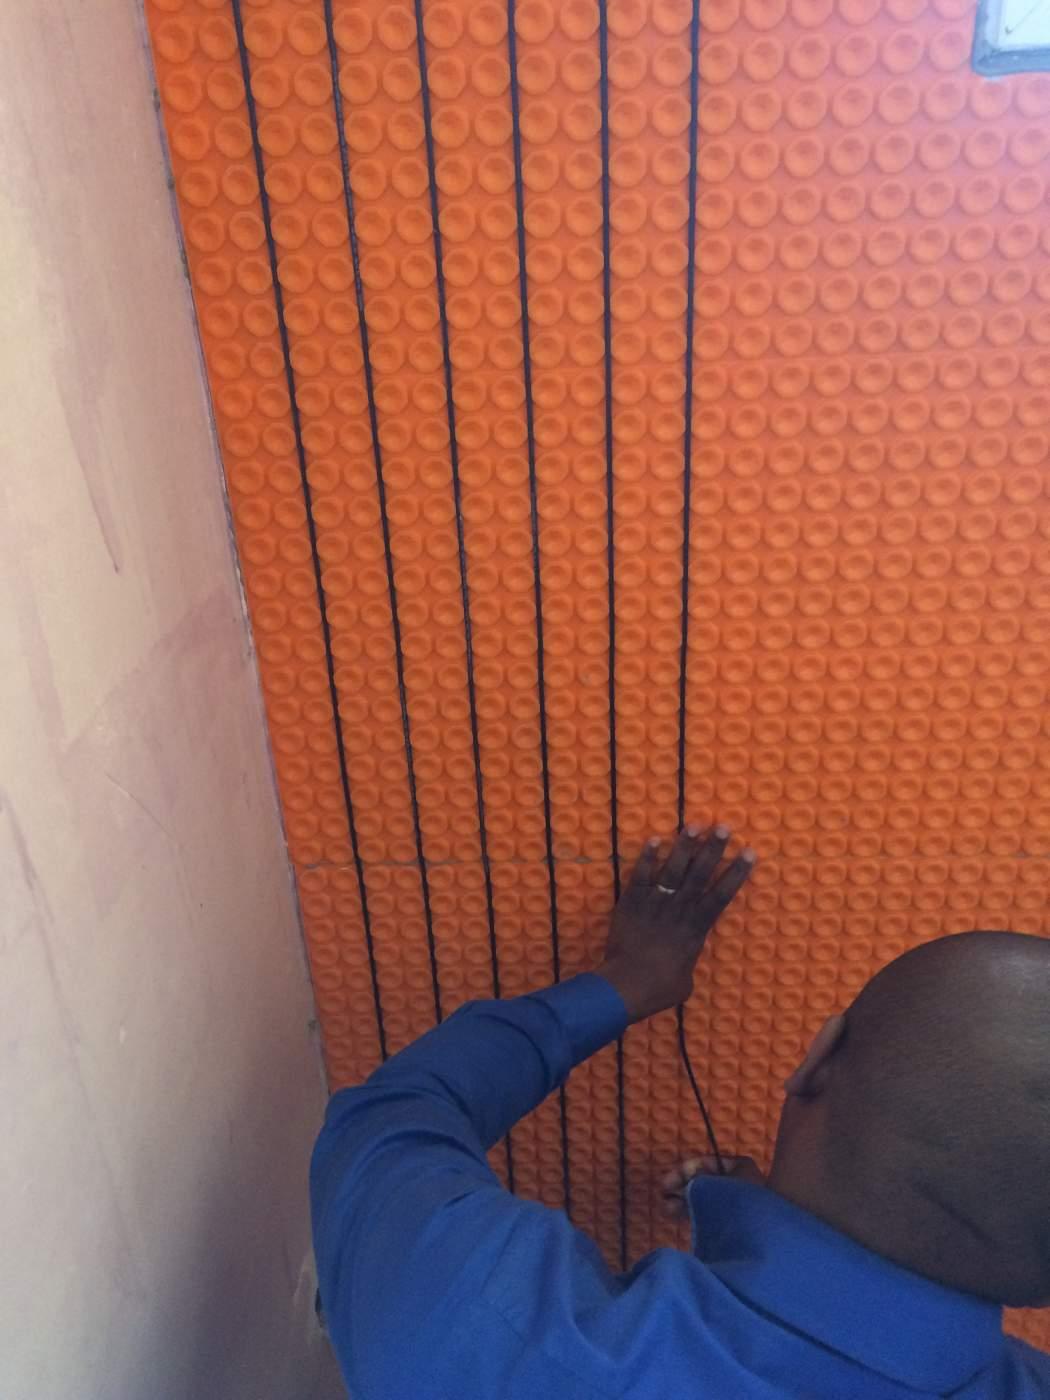 Vente de chauffage mural l ctrique pour salle de bains aix en provence 13100 - Chauffage salle de bain mural ...